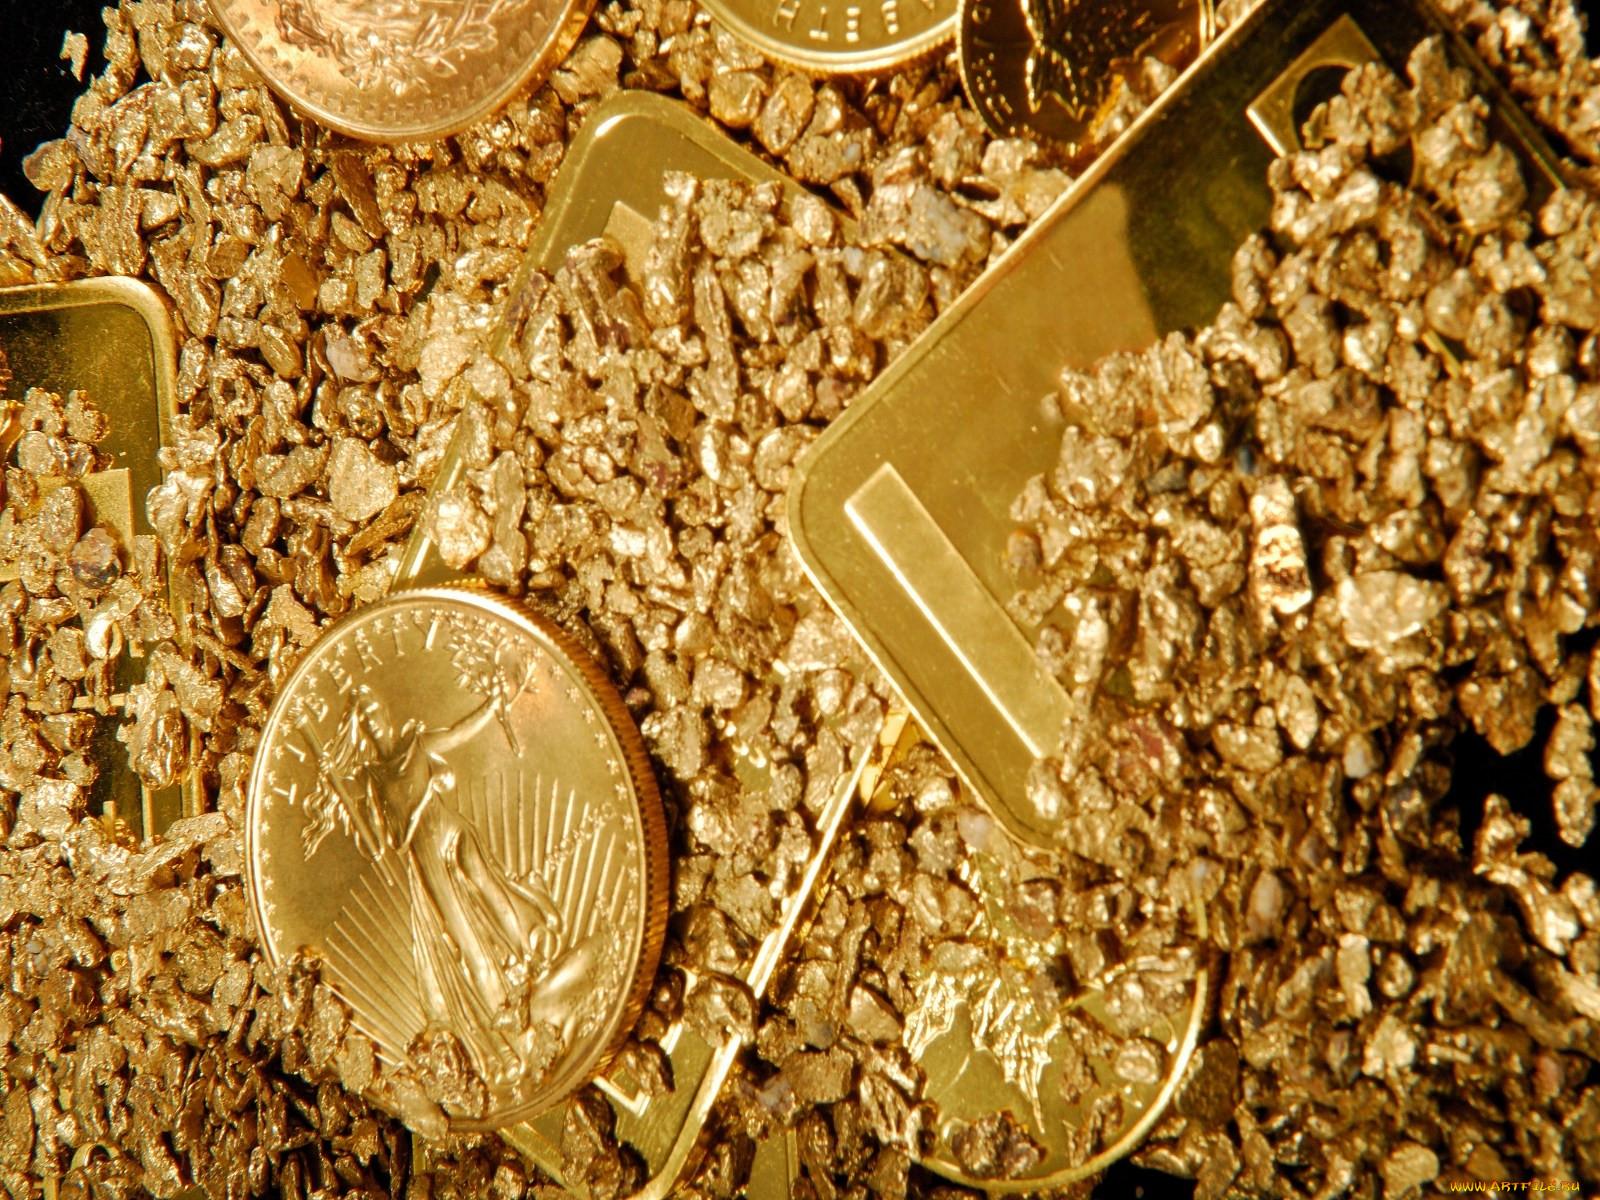 золото и деньги фото на рабочий стол необычным видом